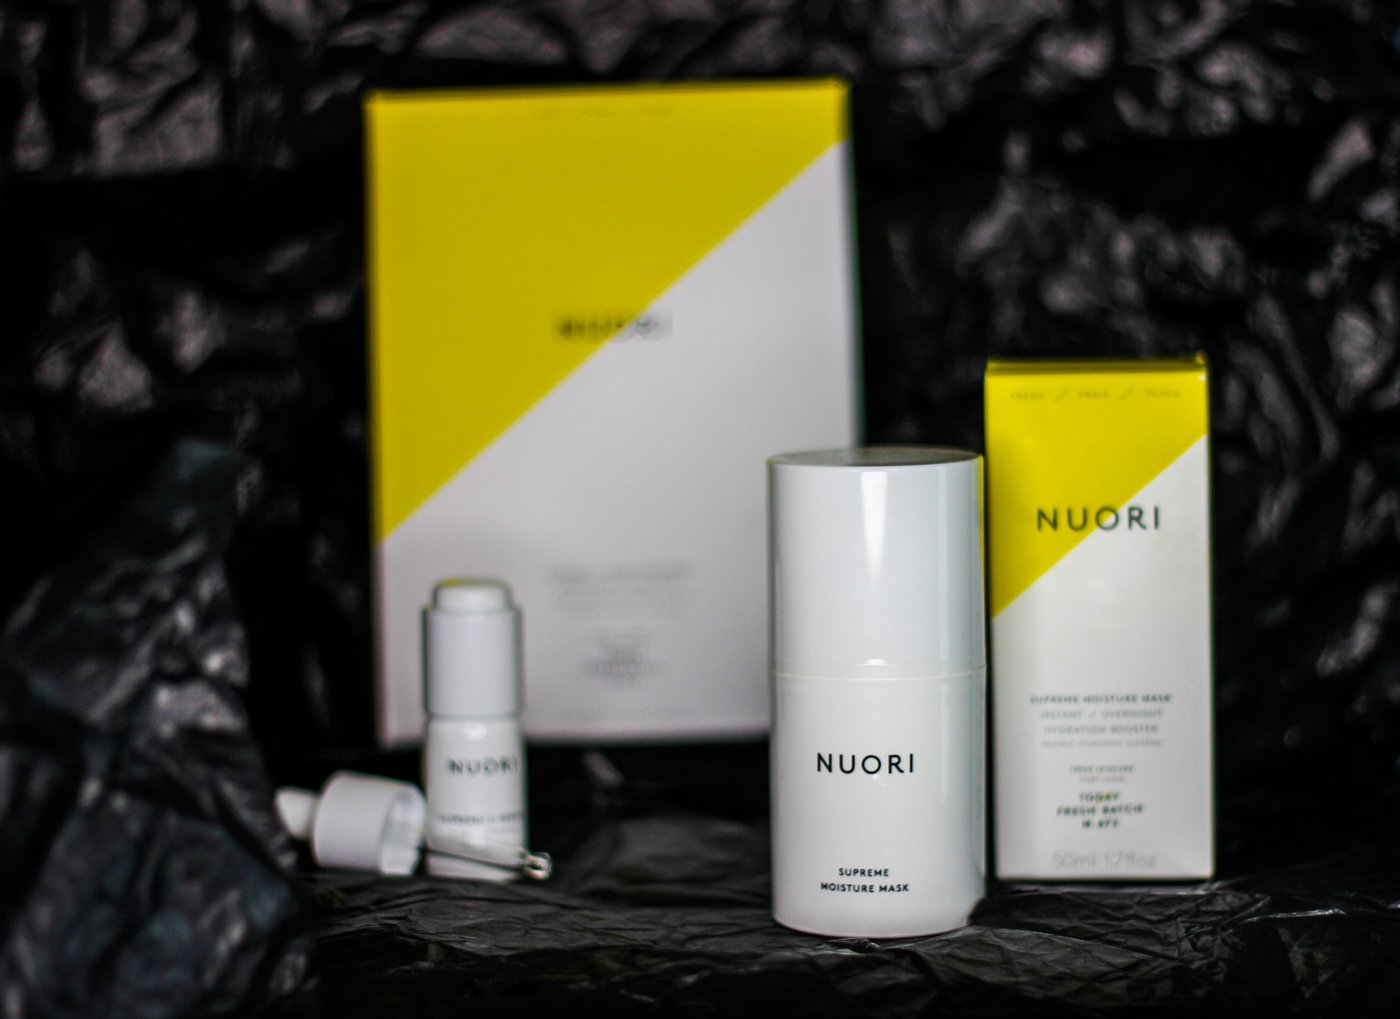 Hautpflege: Ein Power-Duo mit Vitamin C für den frischen Glow von NUORI